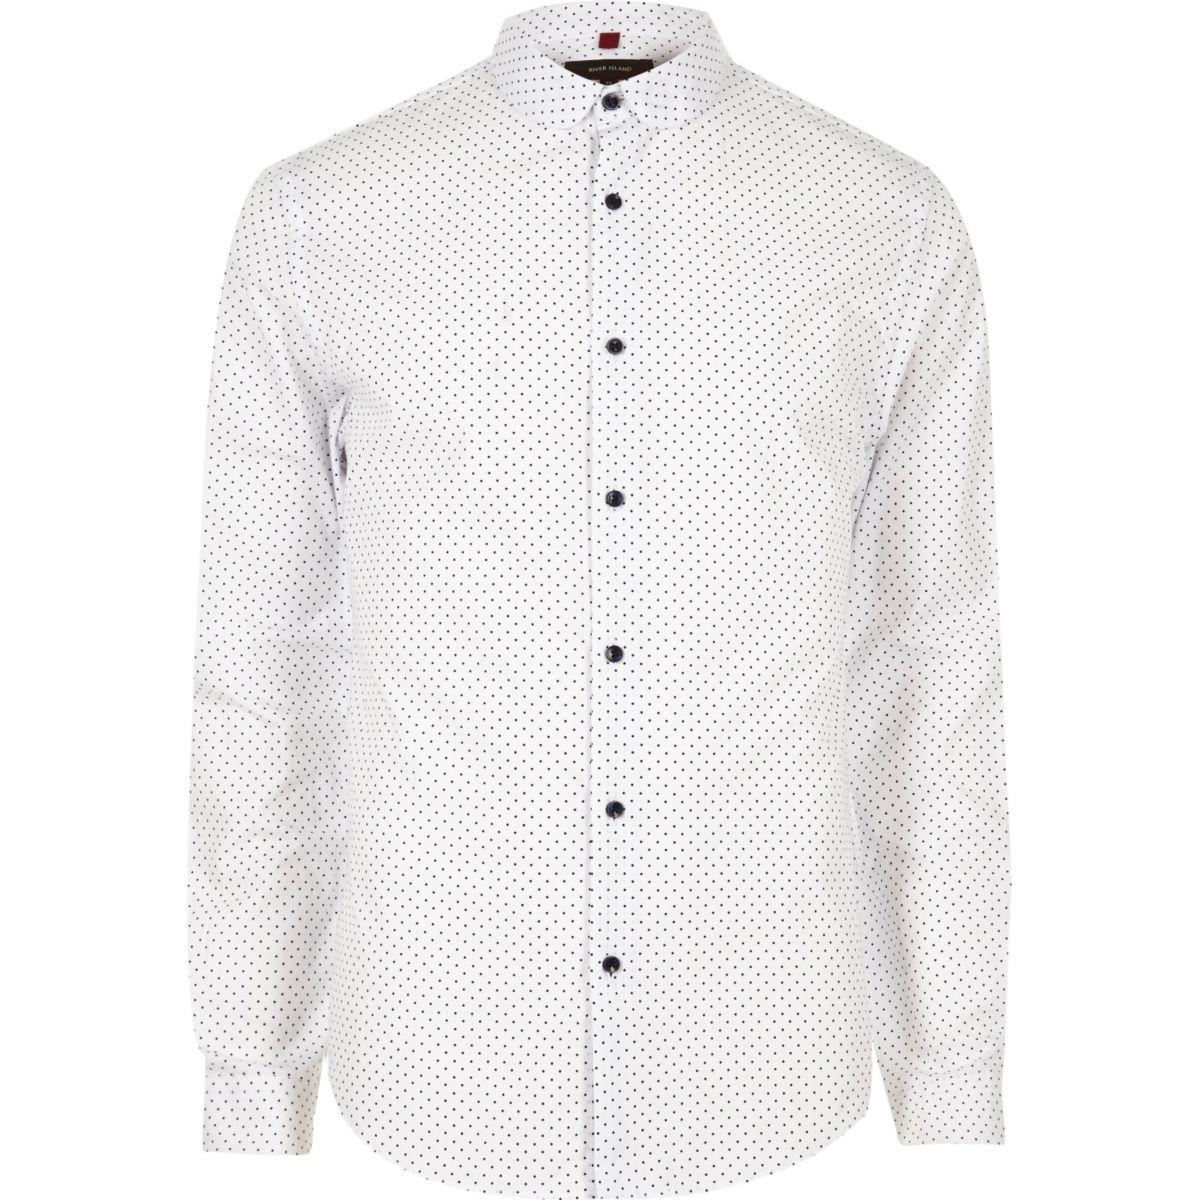 White polka dot slim fit smart shirt